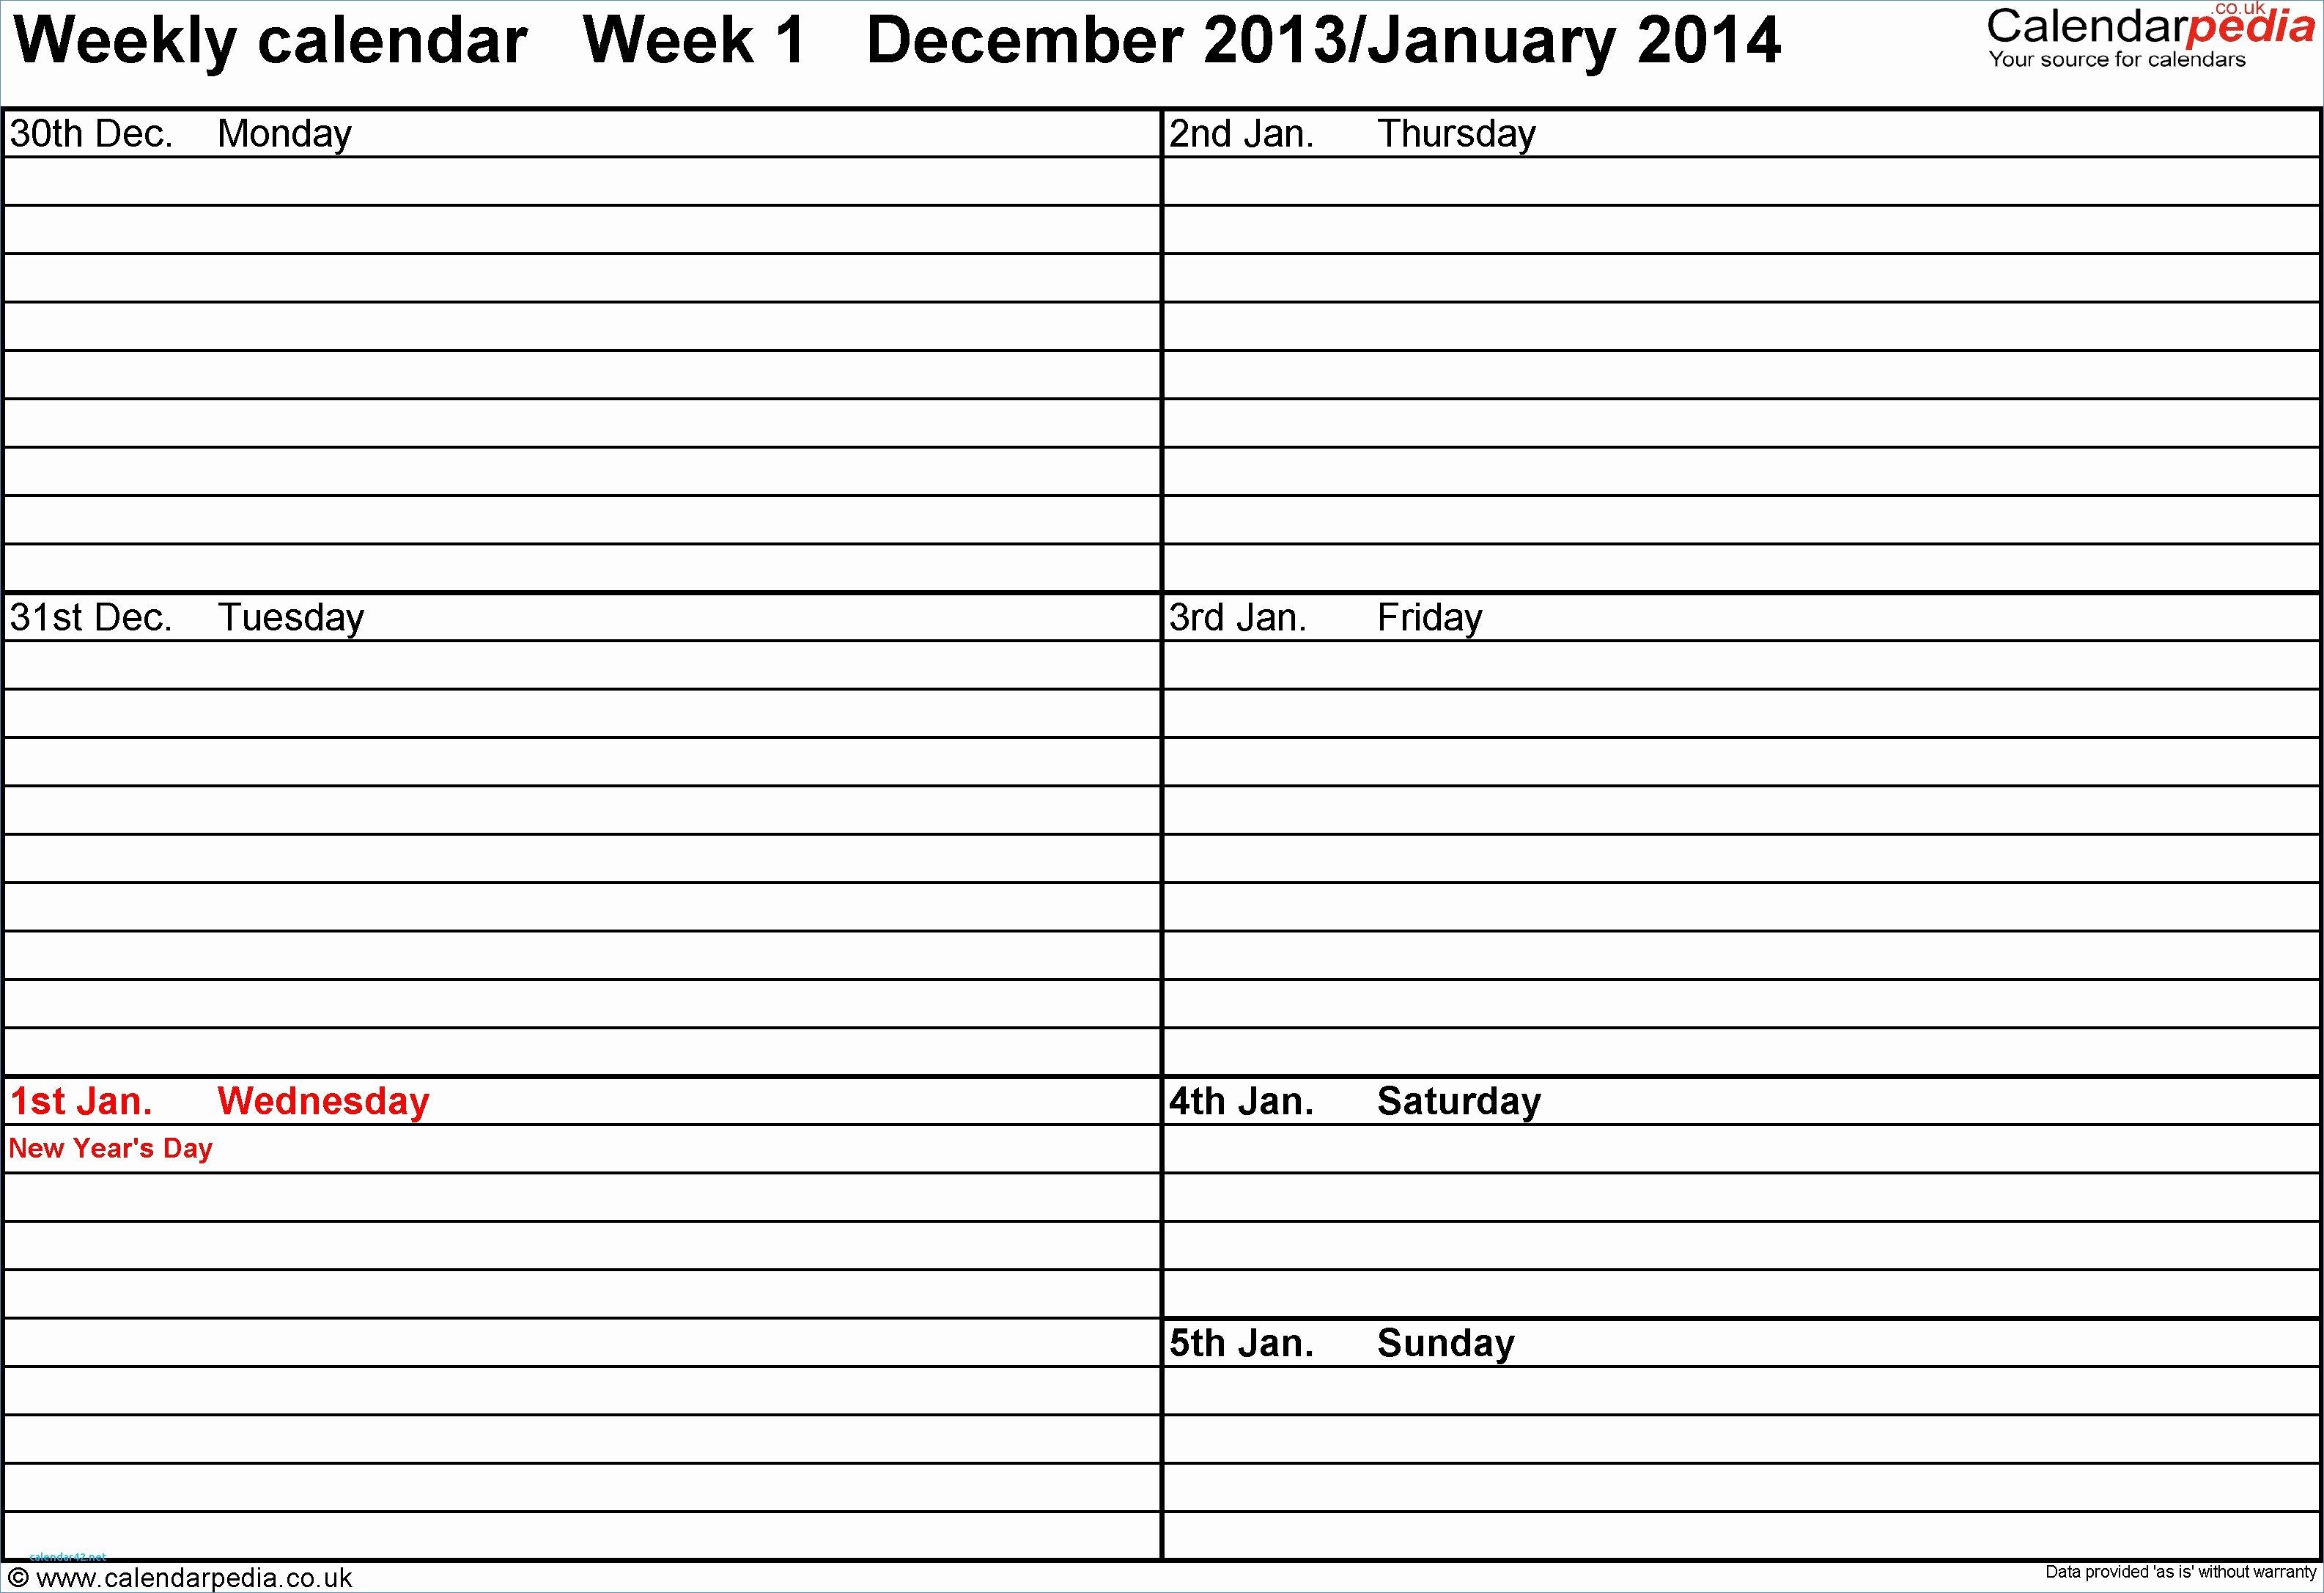 Home Maintenance Schedule Spreadsheet Fresh Home Maintenance Schedule Spreadsheet – Db Excel